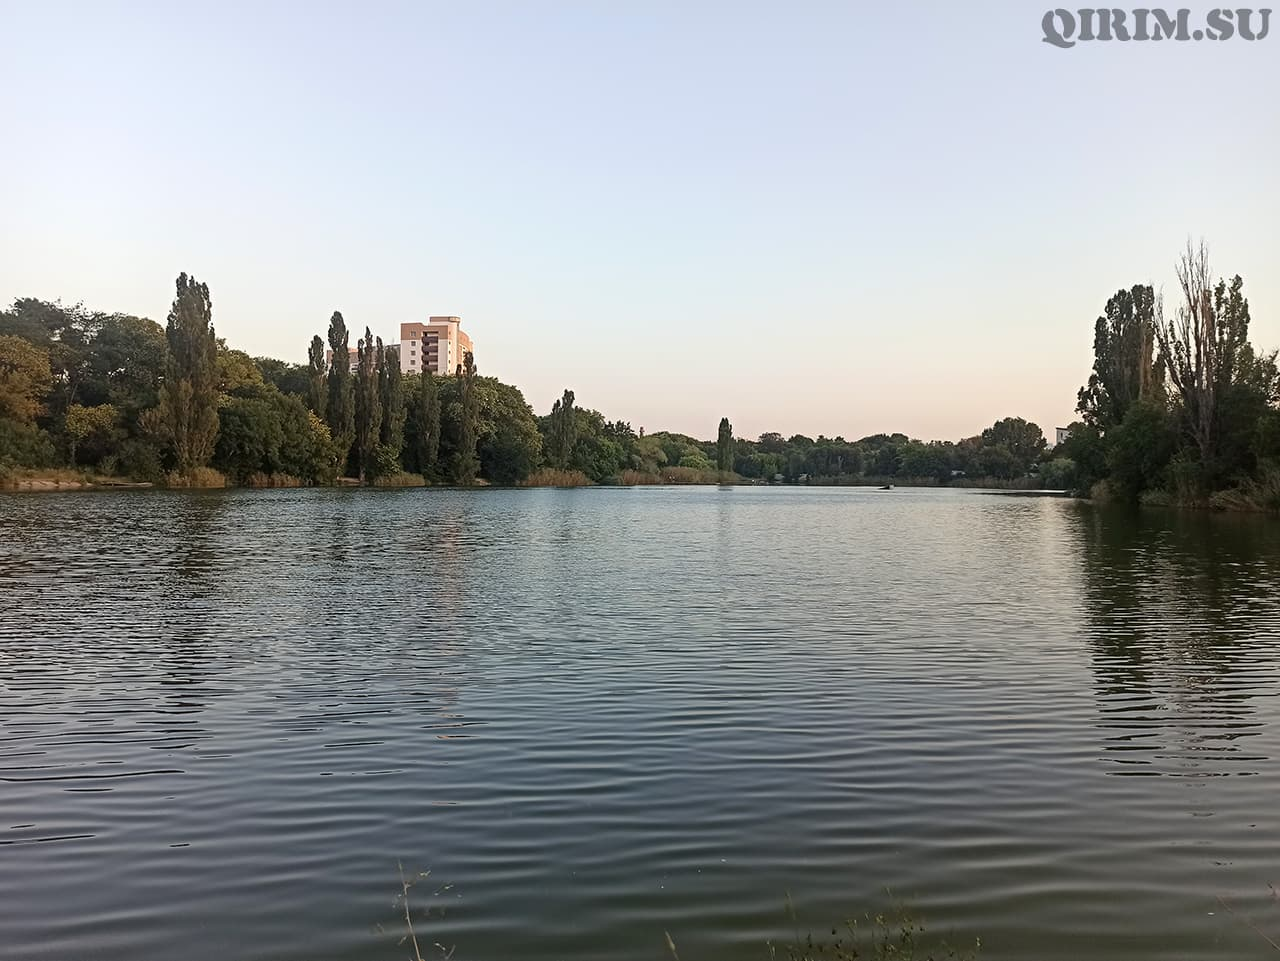 Нижний пруд в Симферополе в районе радиорынка